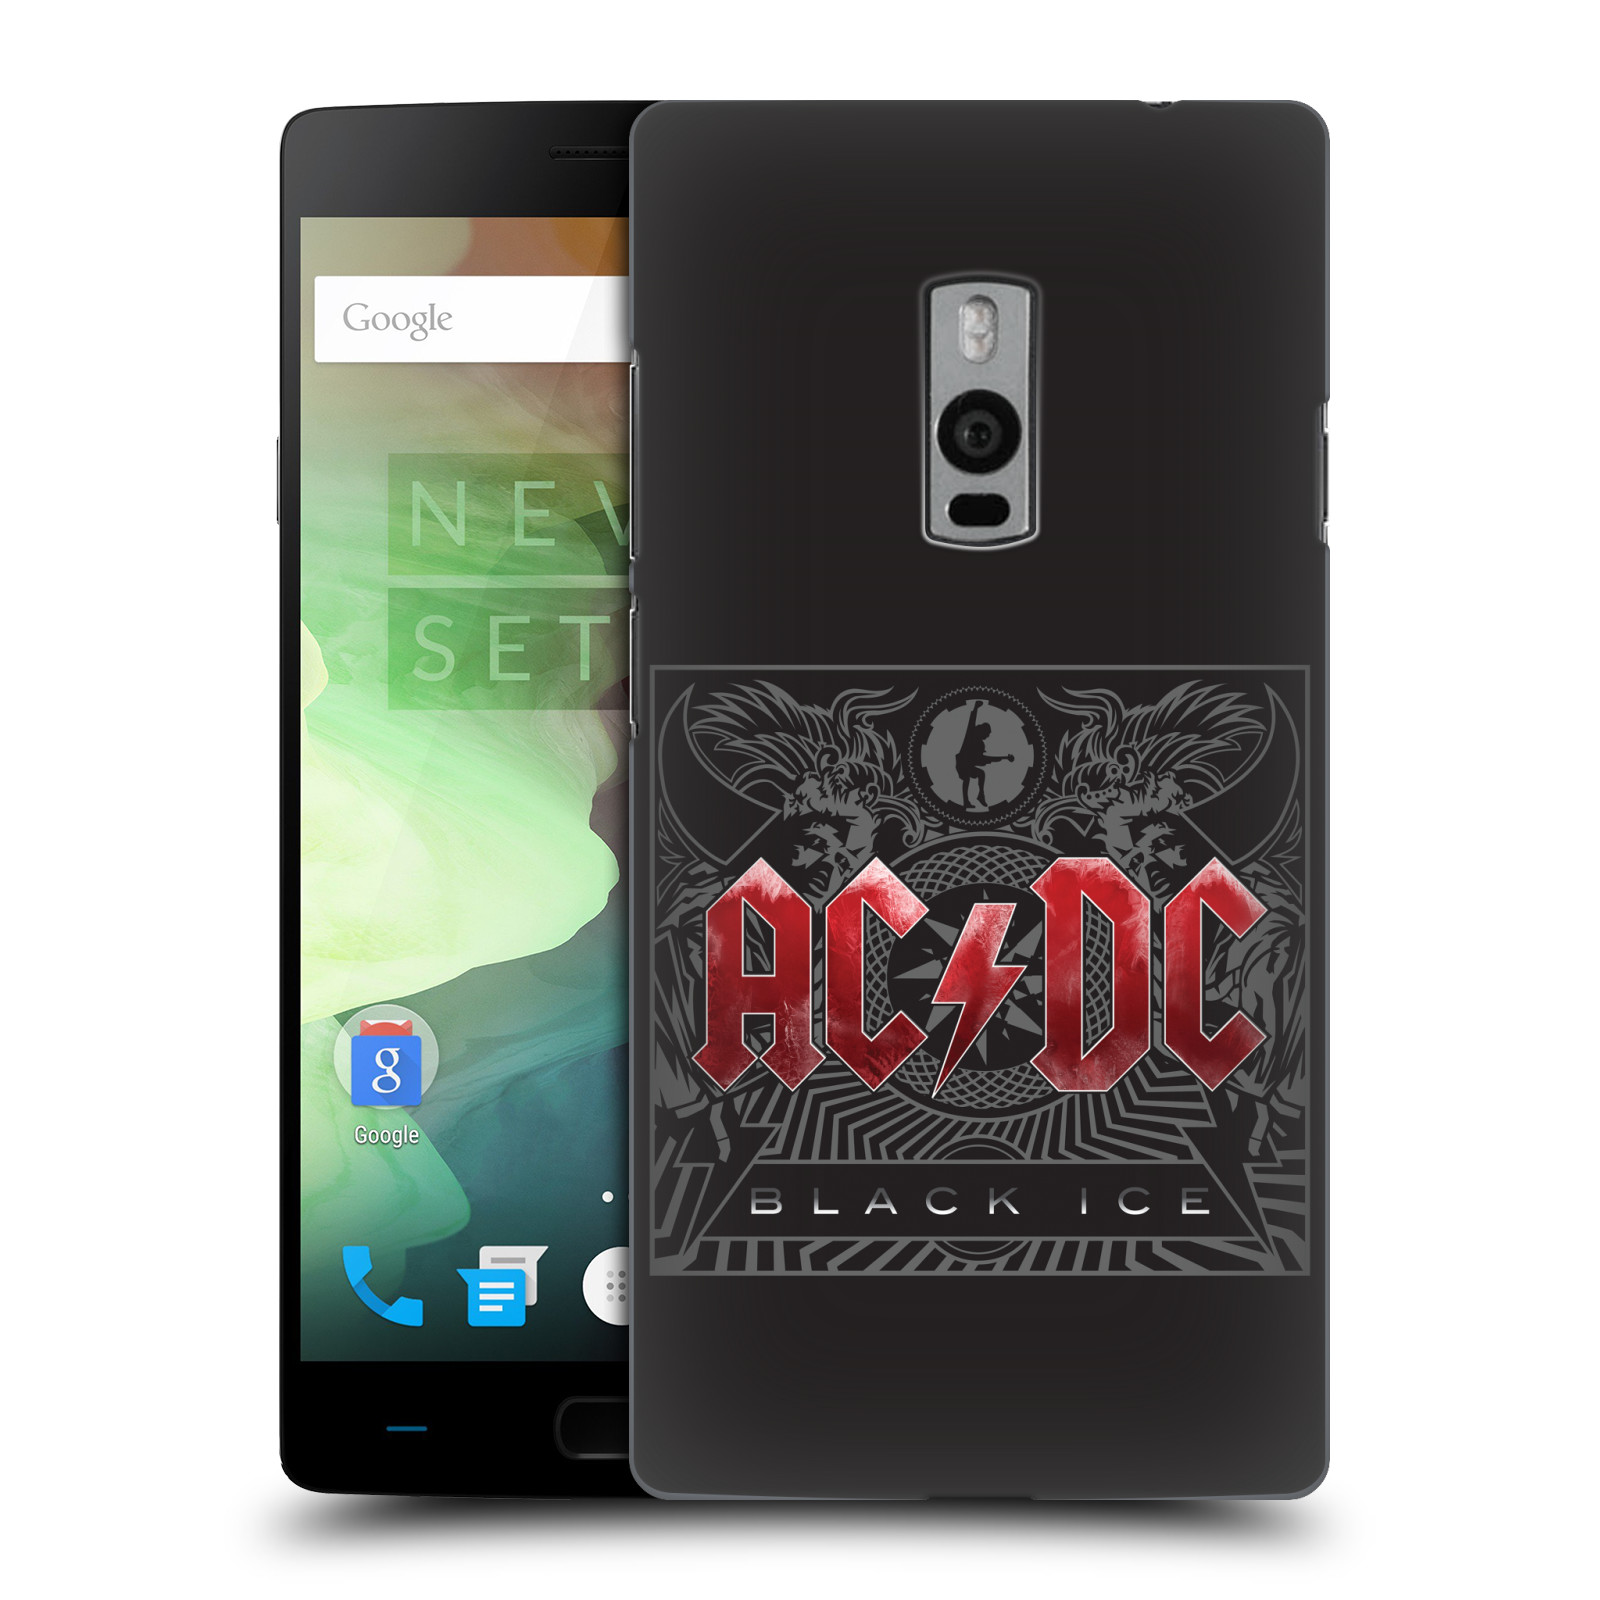 Plastové pouzdro na mobil OnePlus Two HEAD CASE AC/DC Black Ice (Plastový kryt či obal na mobilní telefon s oficiálním motivem australské skupiny AC/DC pro OnePlus Two)